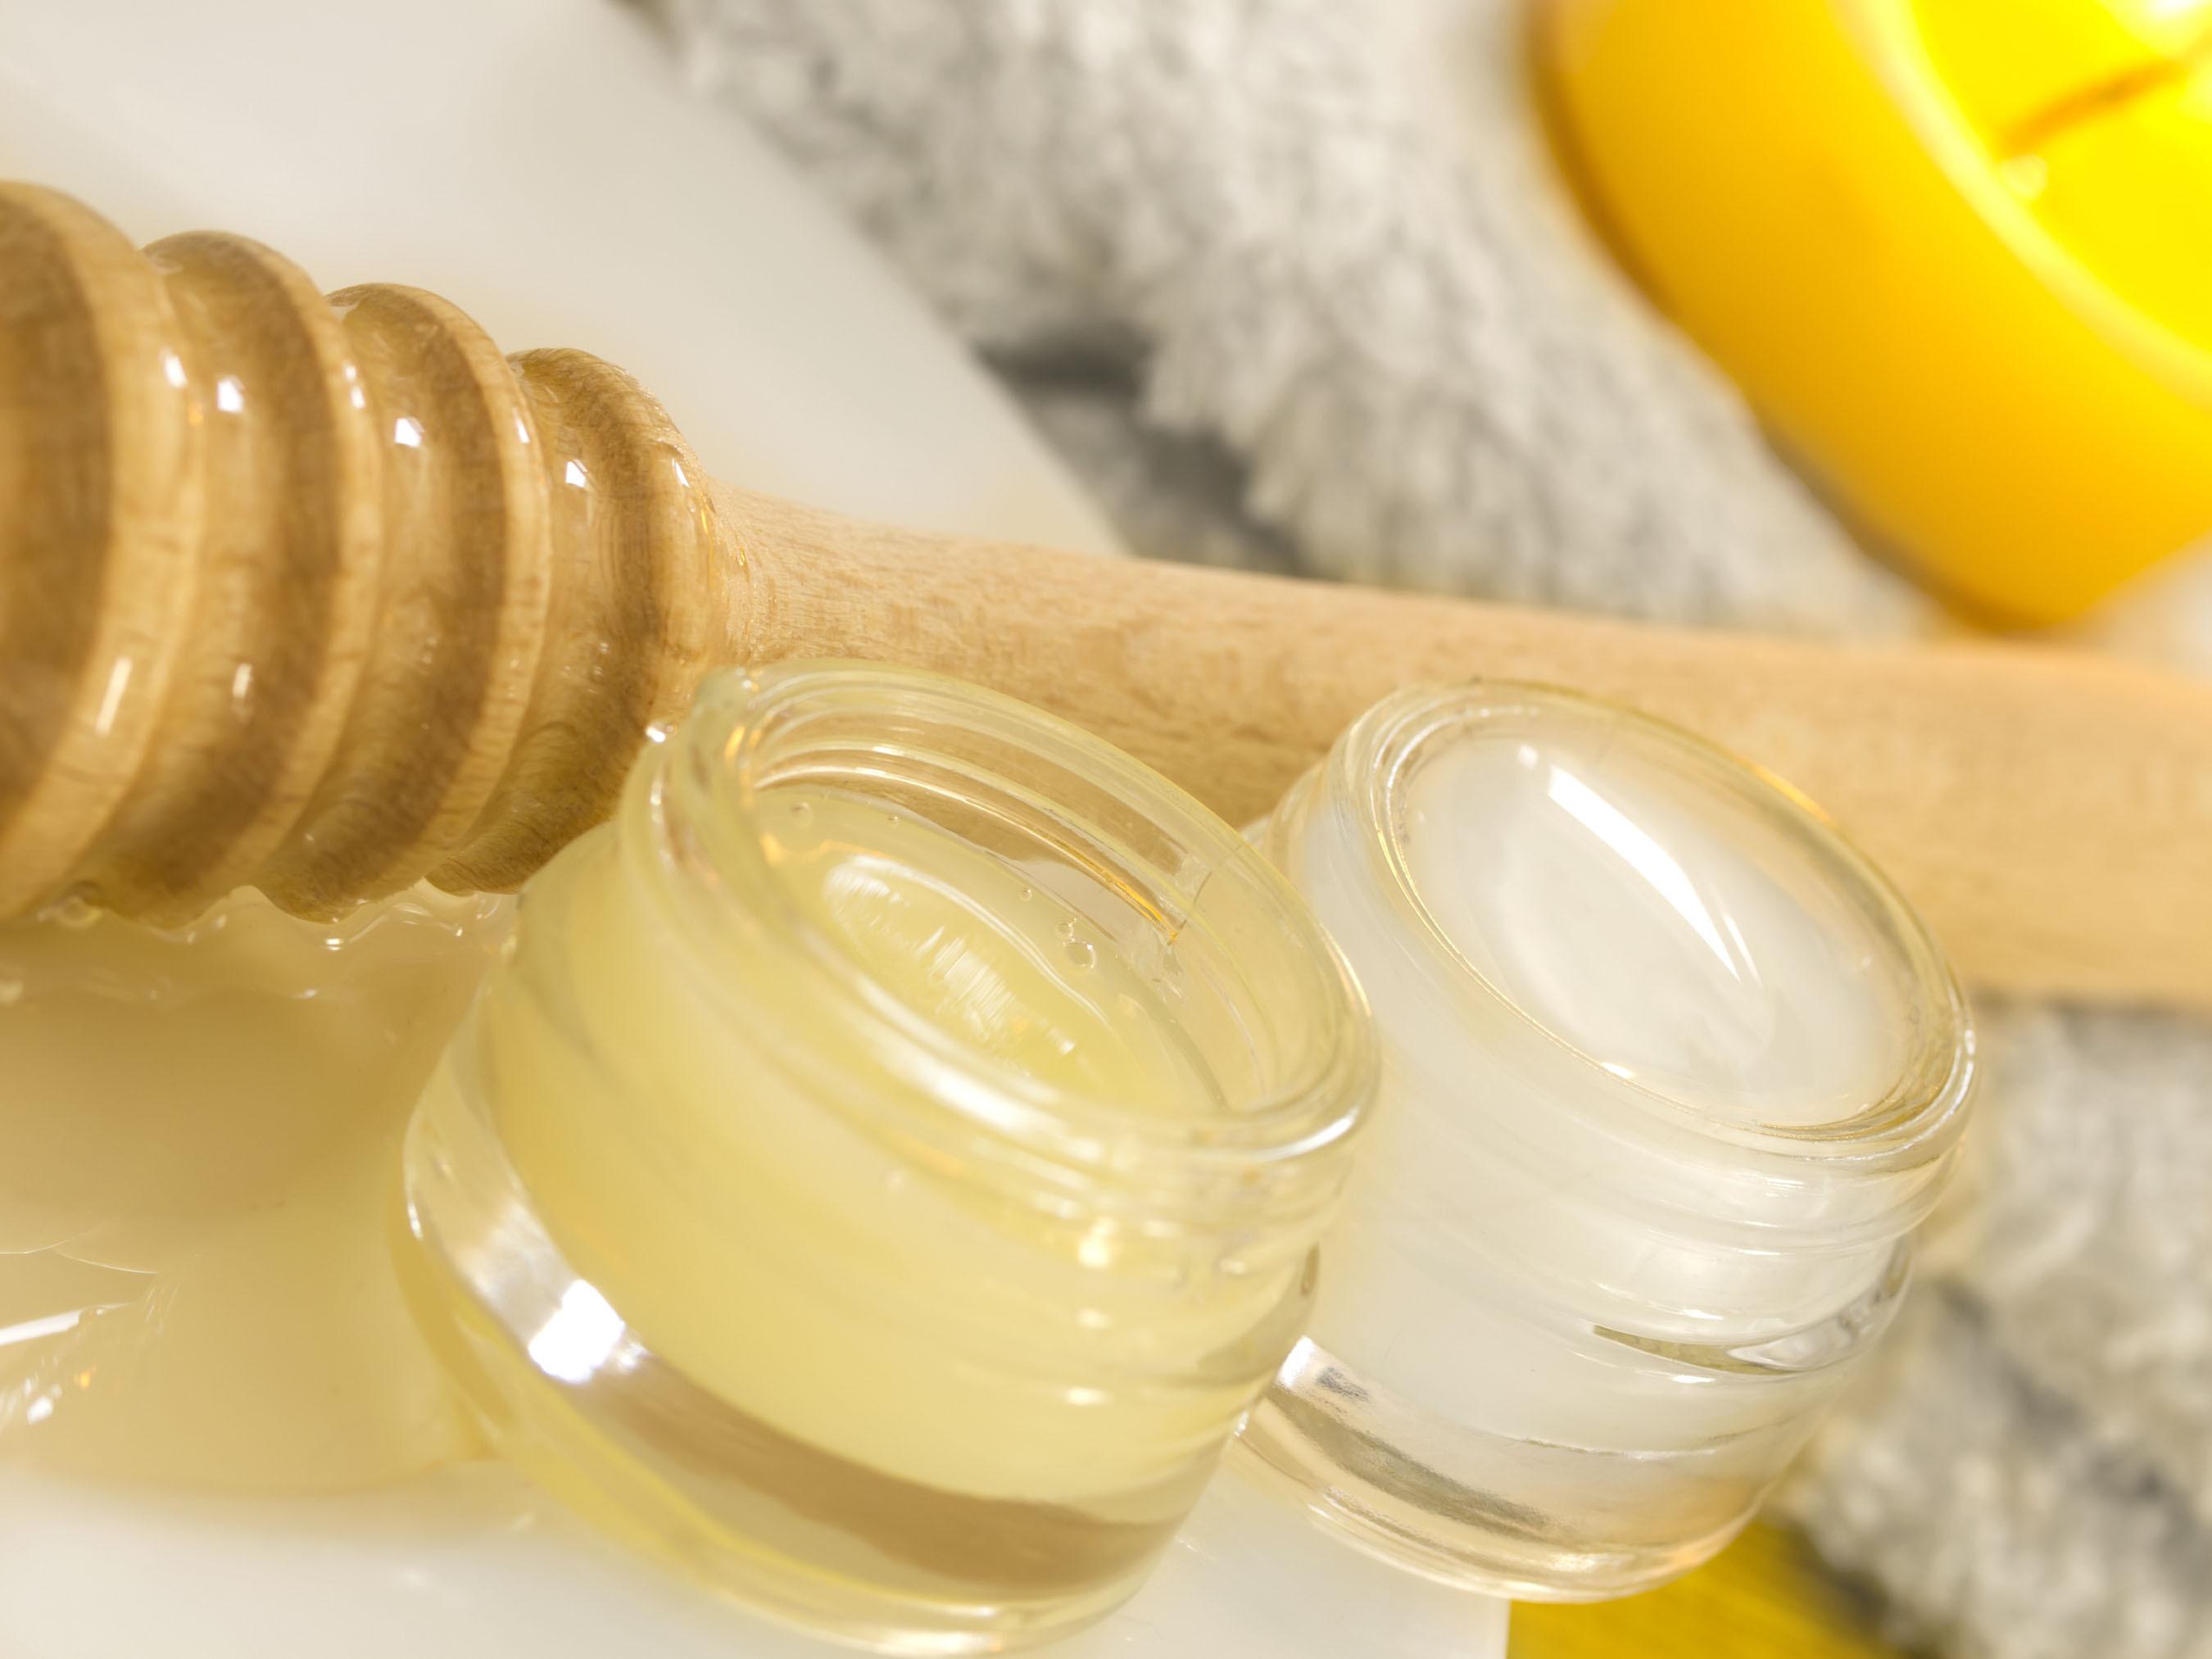 Крем своими руками пчелиным воском фото